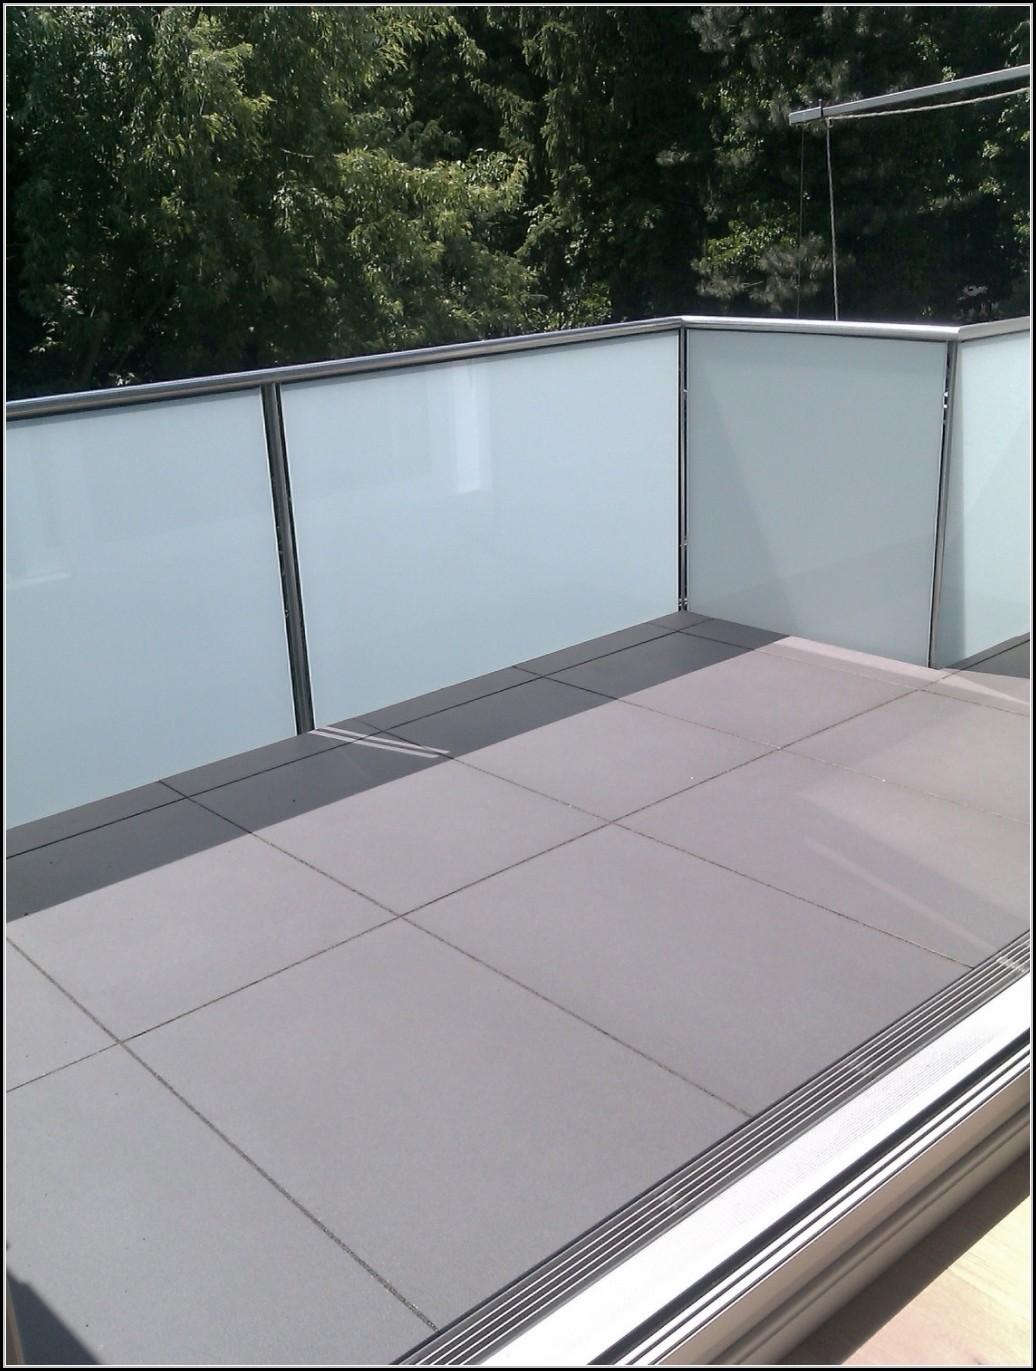 Kunststoff Fliesen Balkon